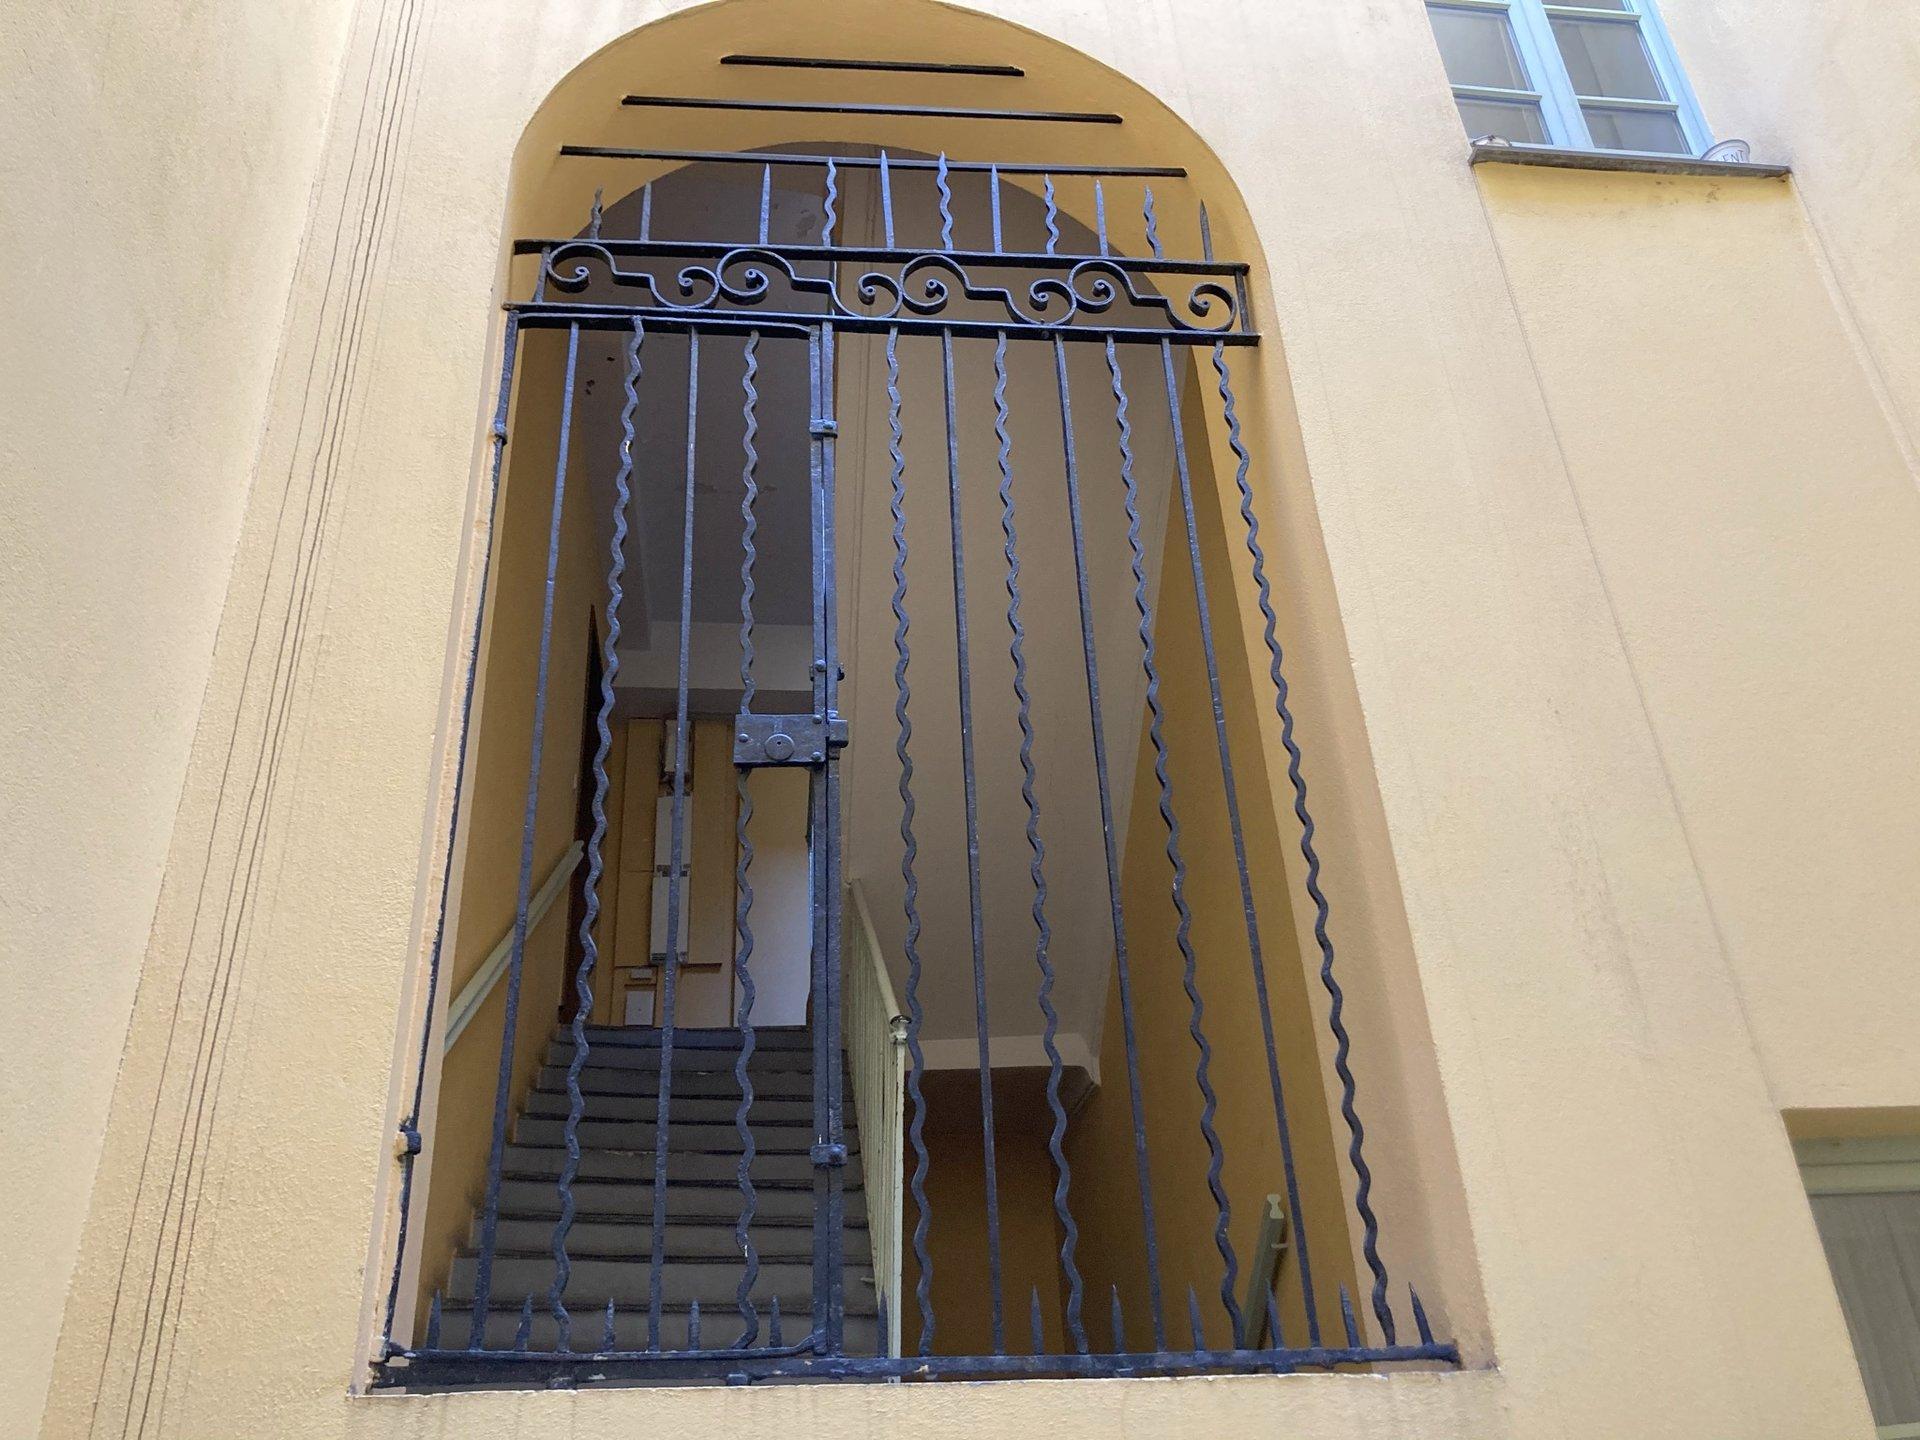 Location Nice, 3/4 pièces 79.86m² situé dans le Vieux Nice